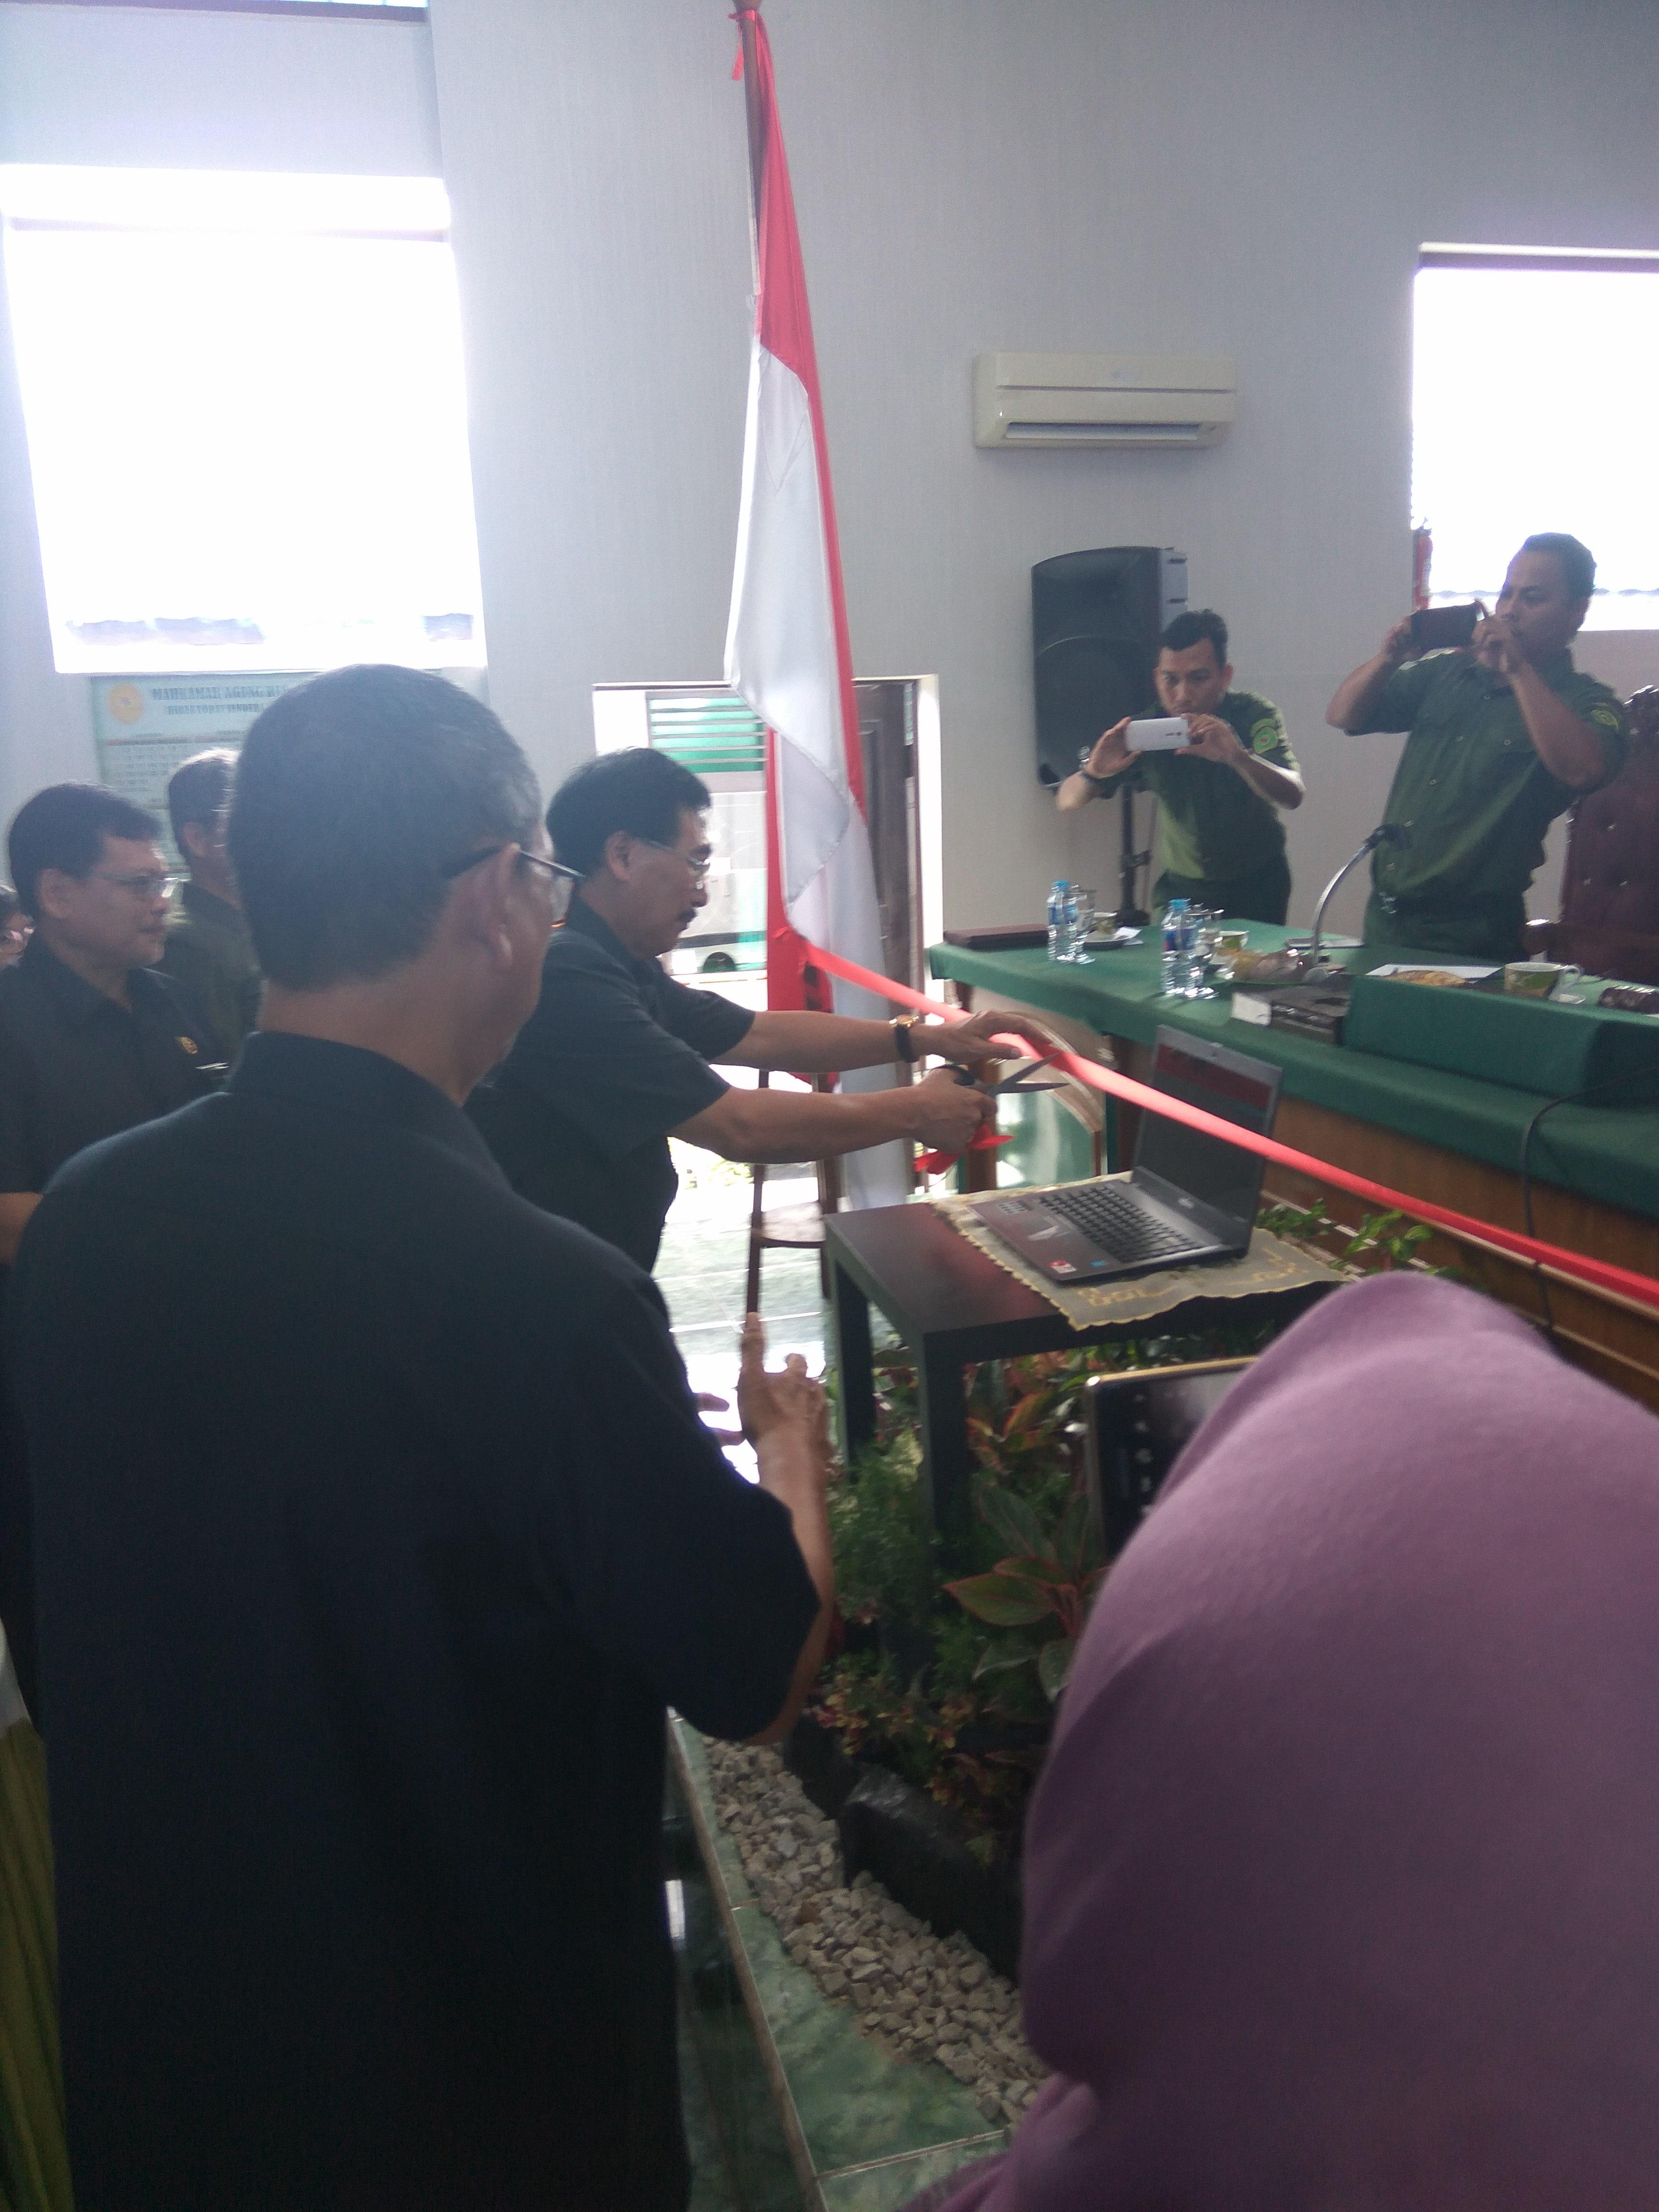 SOFT LAUNCHING Peresmian Pemasangan Aplikasi Sistem Peningkatan Mutu Pengadilan Tinggi Pekanbaru (Riau-Kepri) Pada Pengadilan Negeri Bengkalis Sebagai Pengadilan Negeri Percontohan